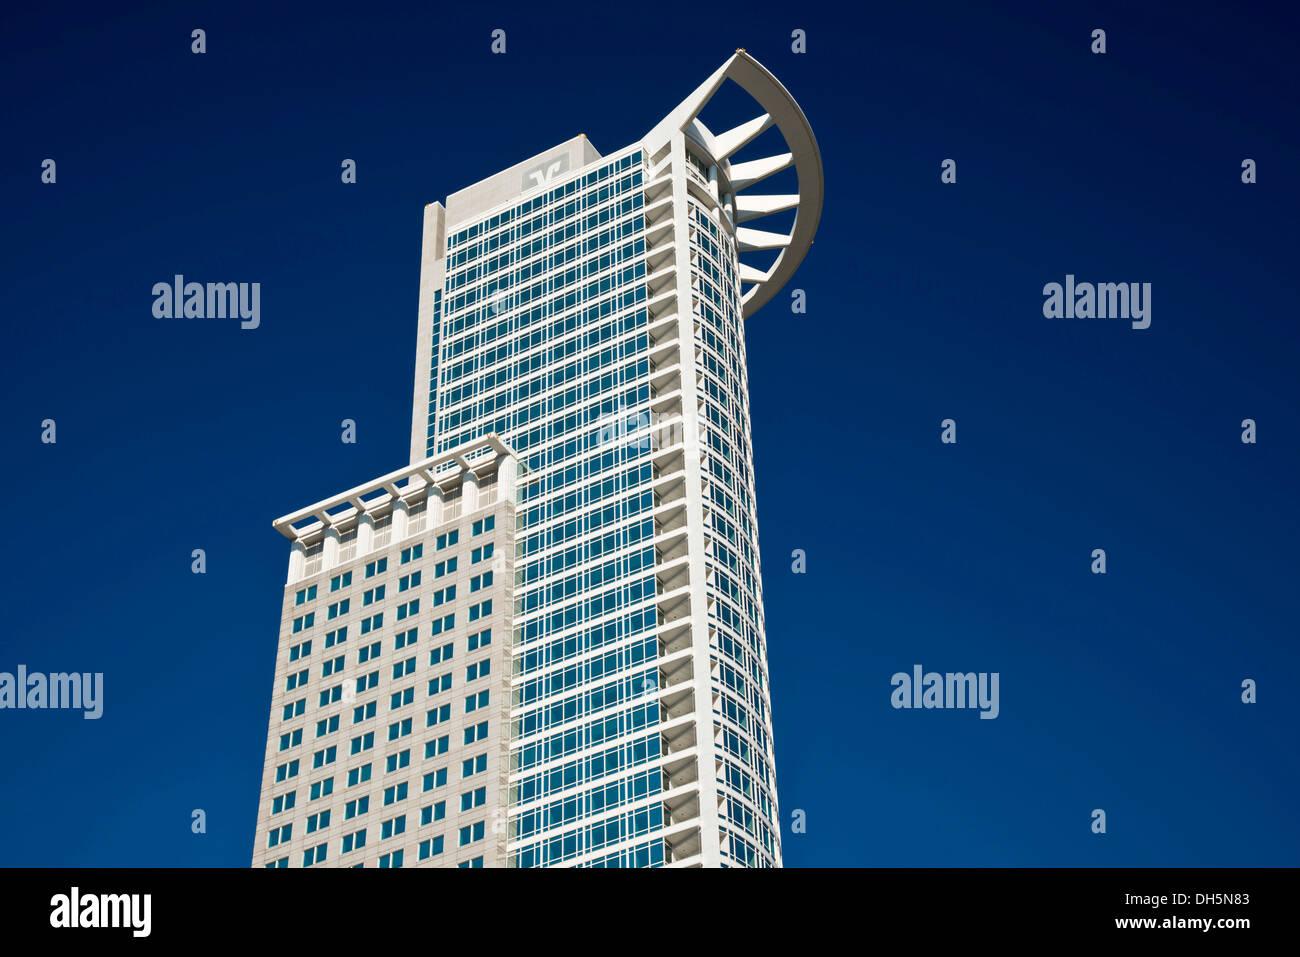 DZ Bank Tower of the DZ Bank AG, Deutsche Zentral-Genossenschaftsbank, German Central Cooperative Bank Stock Photo